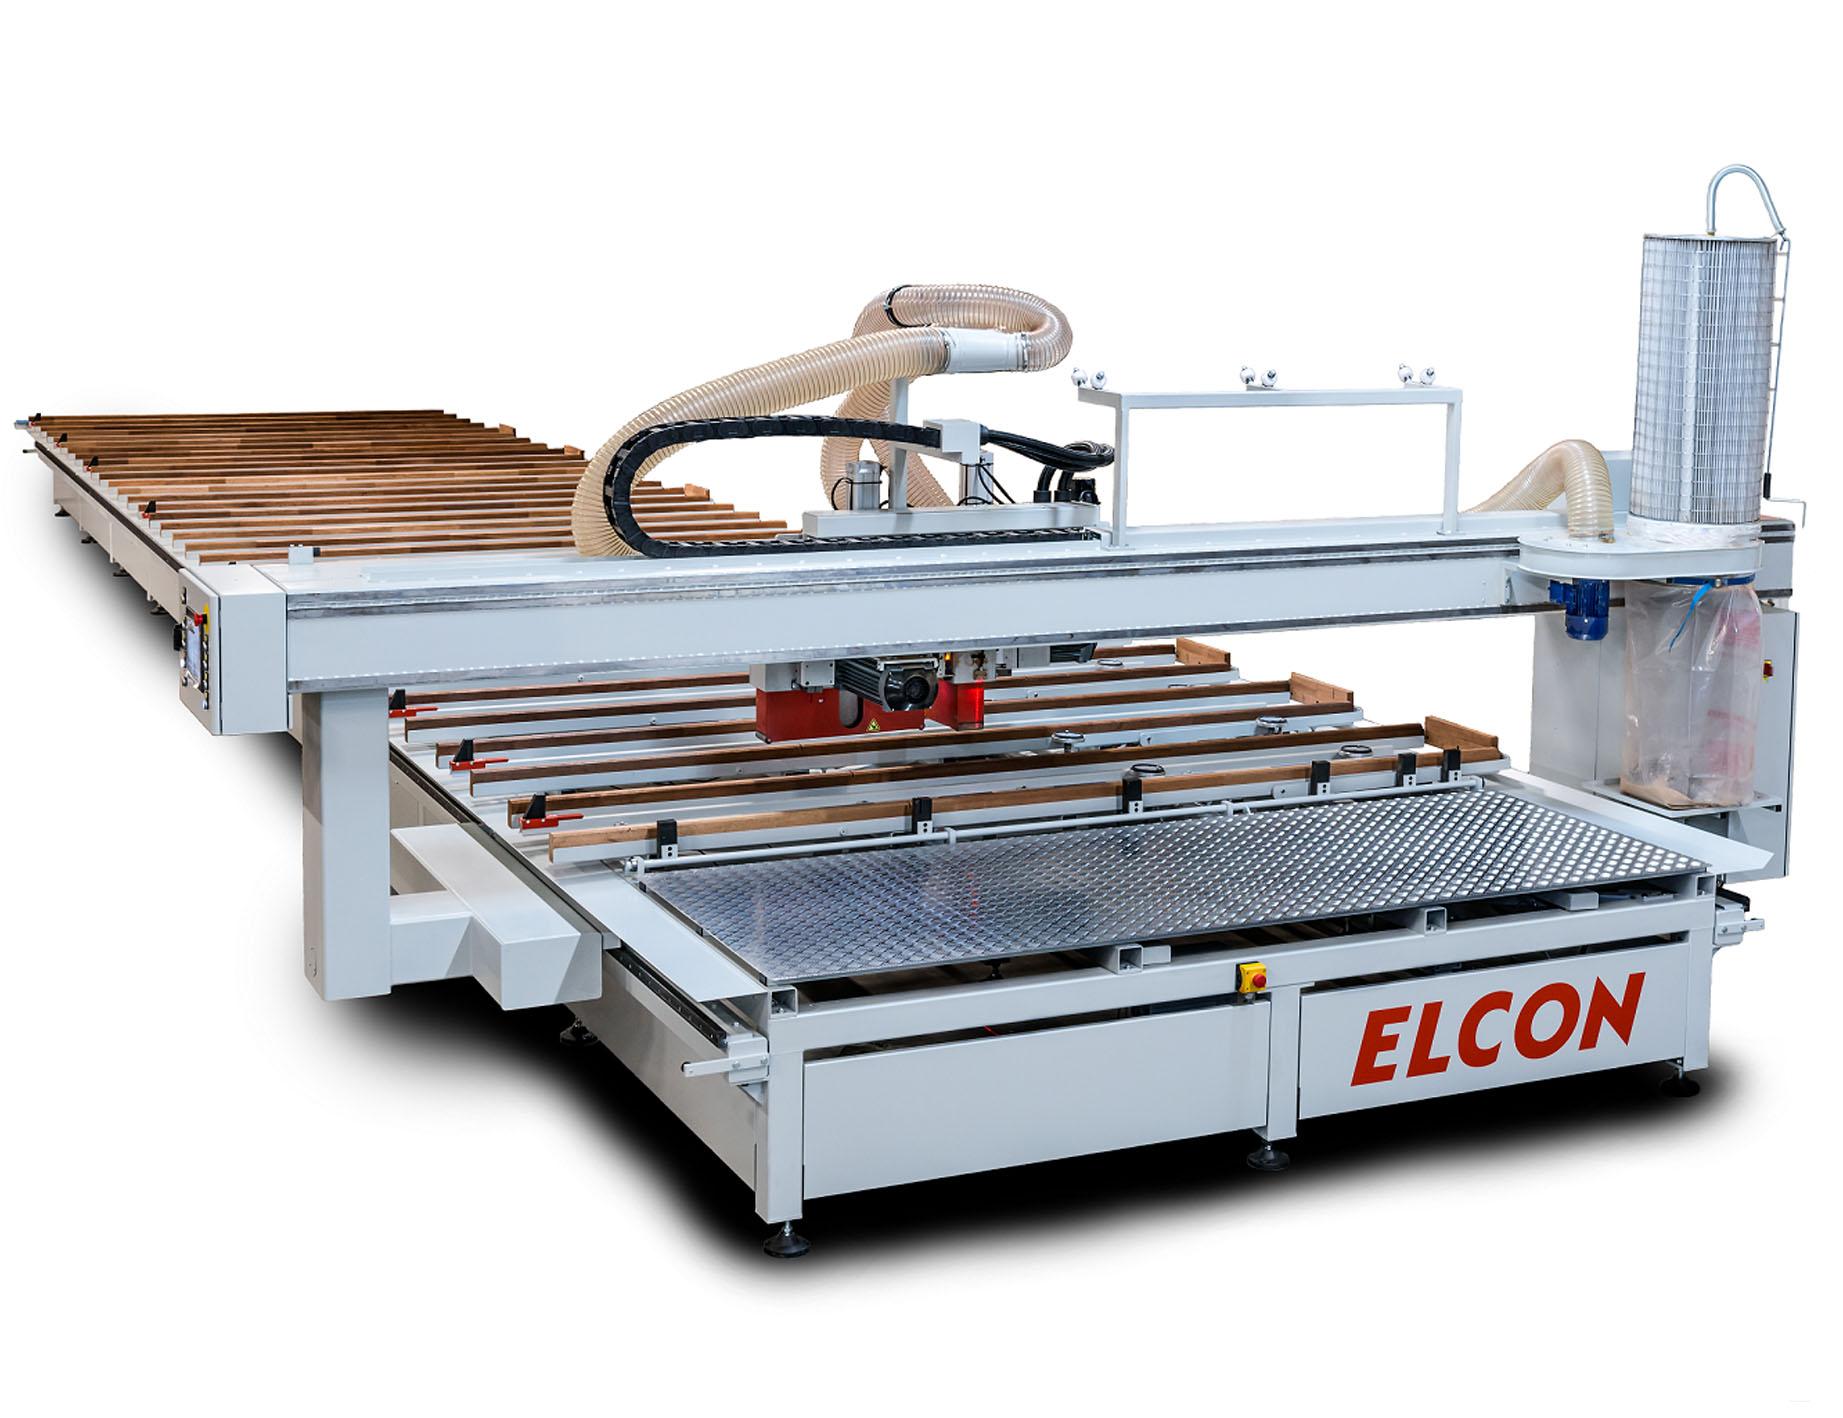 Maquina horizontal modelo SUPRA de ELCON